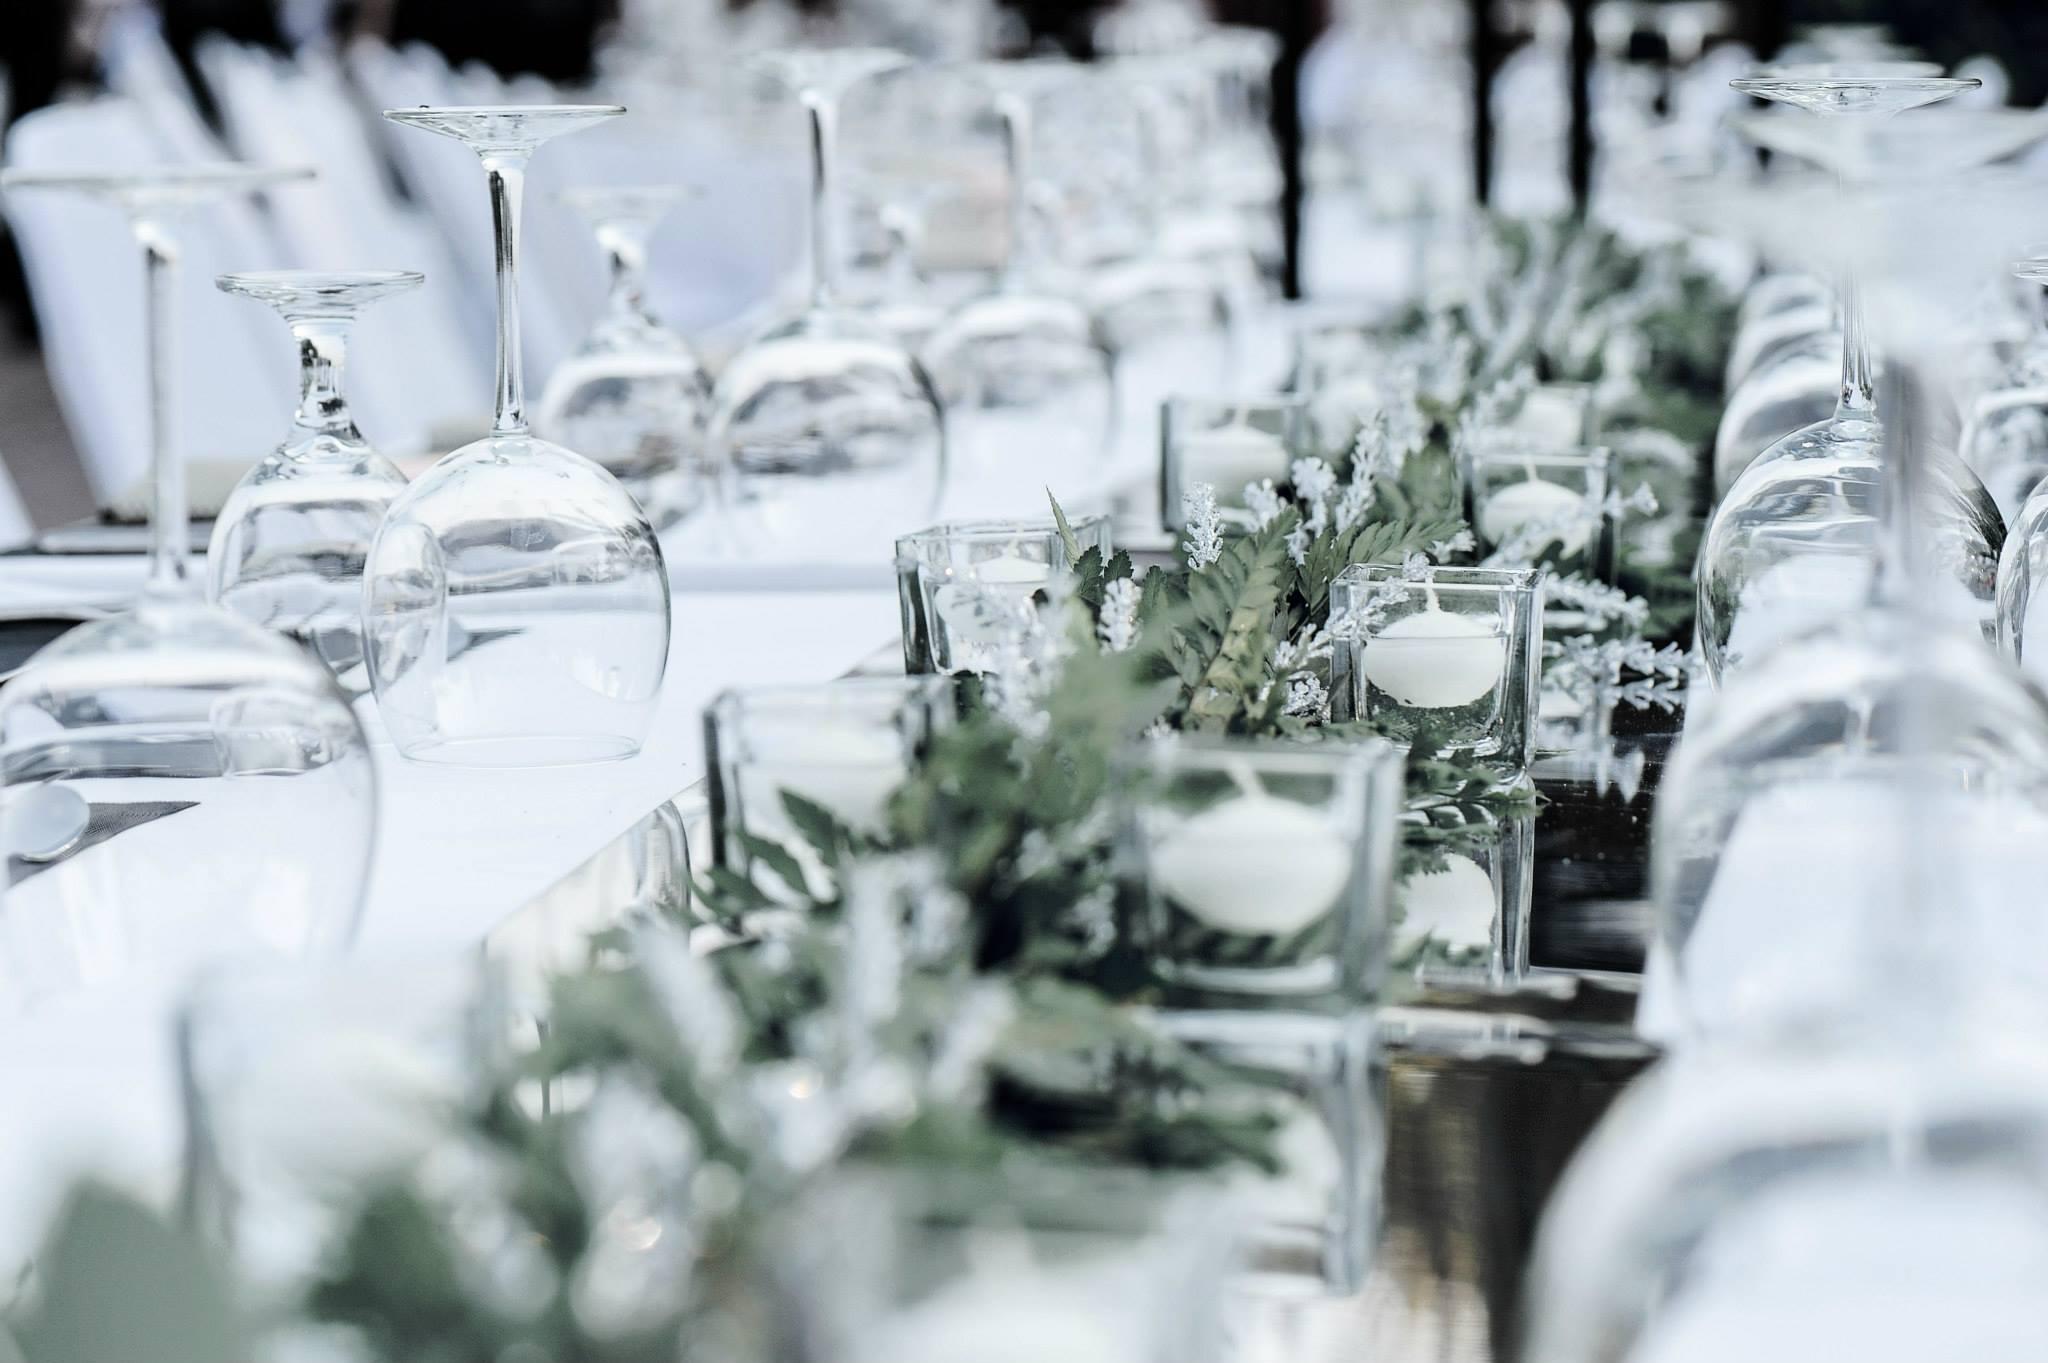 ธีมงานแต่ง โทนสีขาว โดย PHKA Floral Design Studio